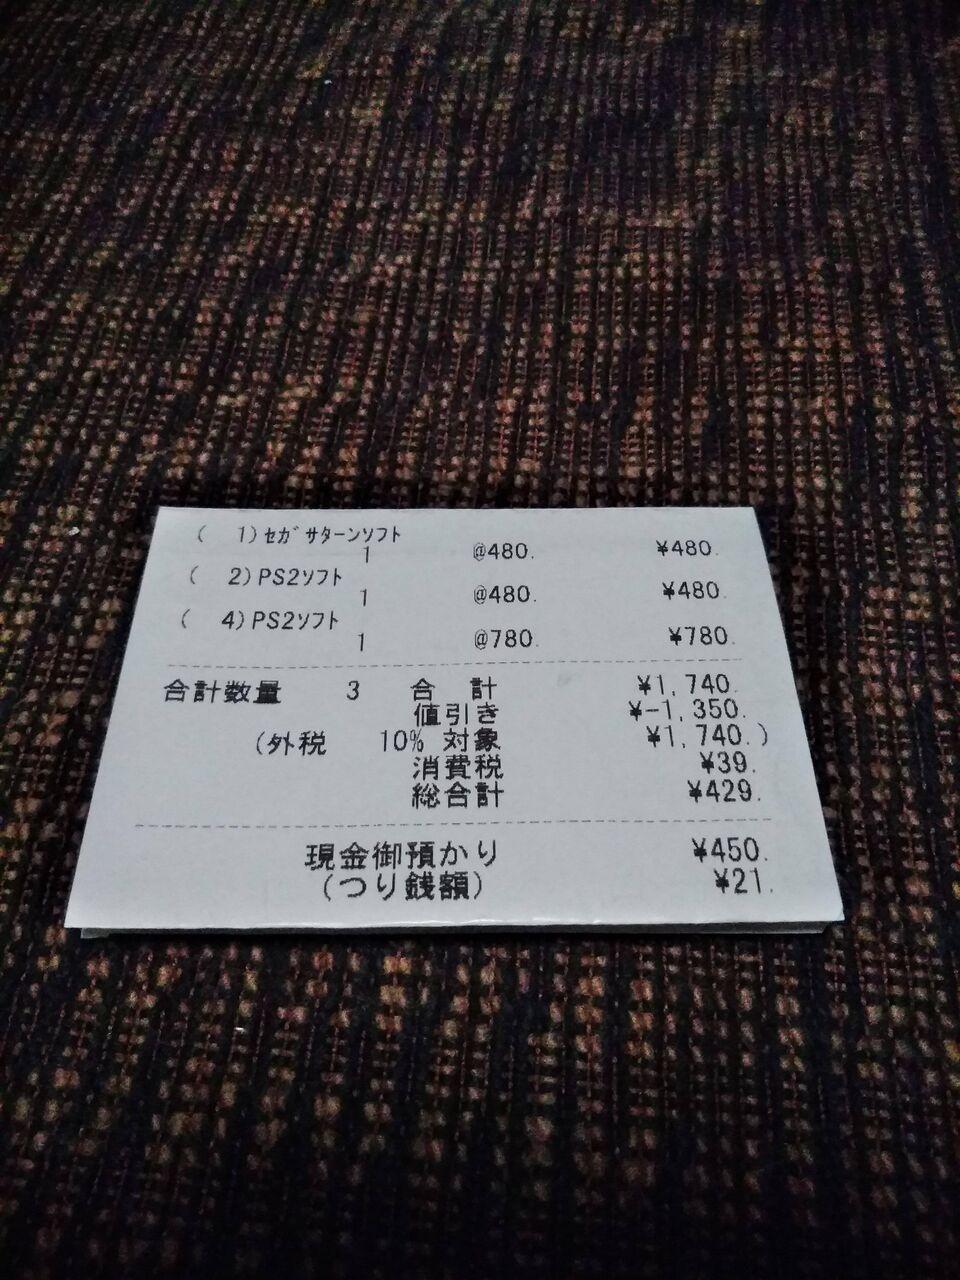 【ゲームソフト】何買ったか教えれ!!【なるべく安いヤツがいい!!】